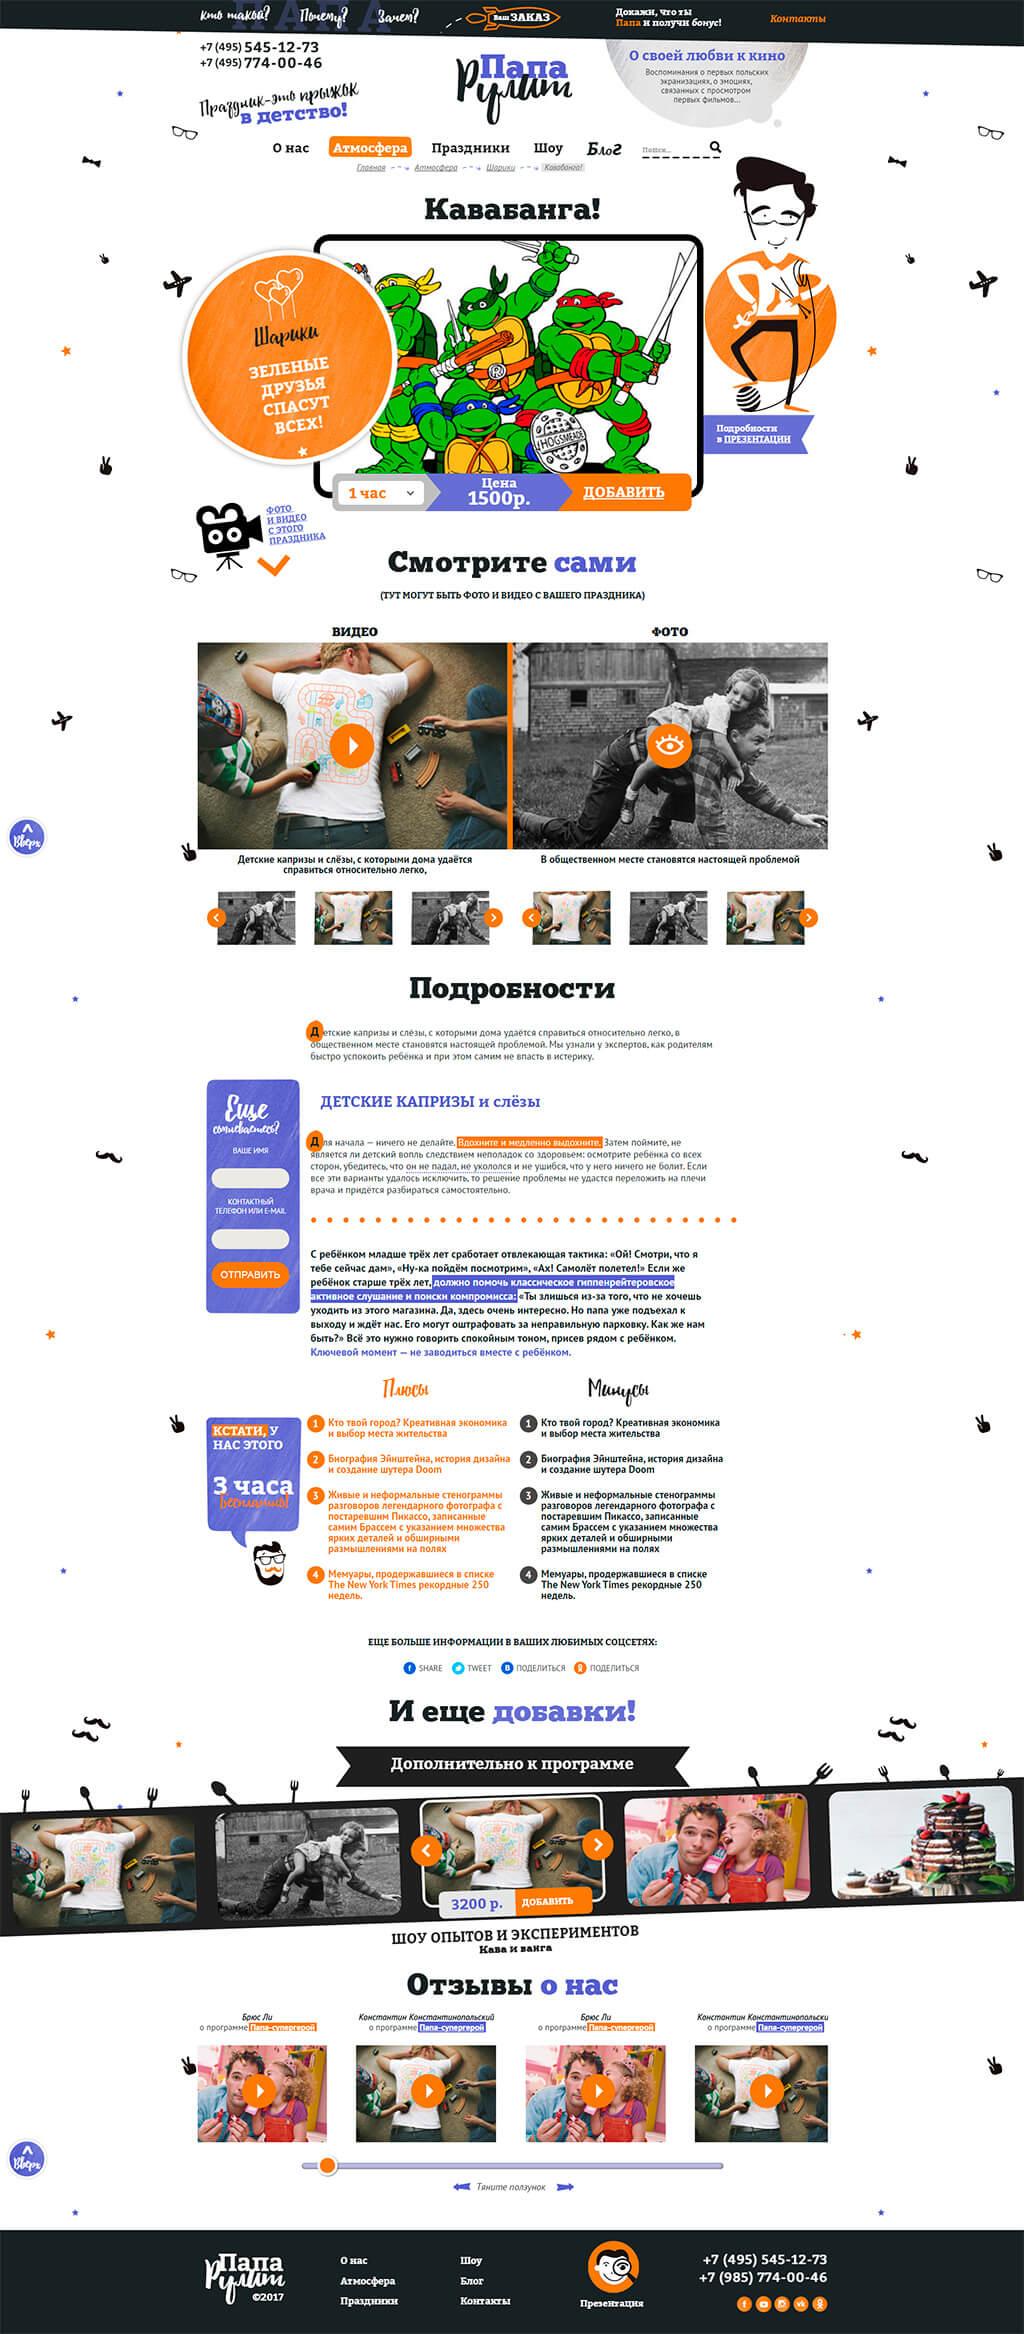 На странице интернет-магазина Папа рулит, реализован функционал выбора товара и добавления его в корзину